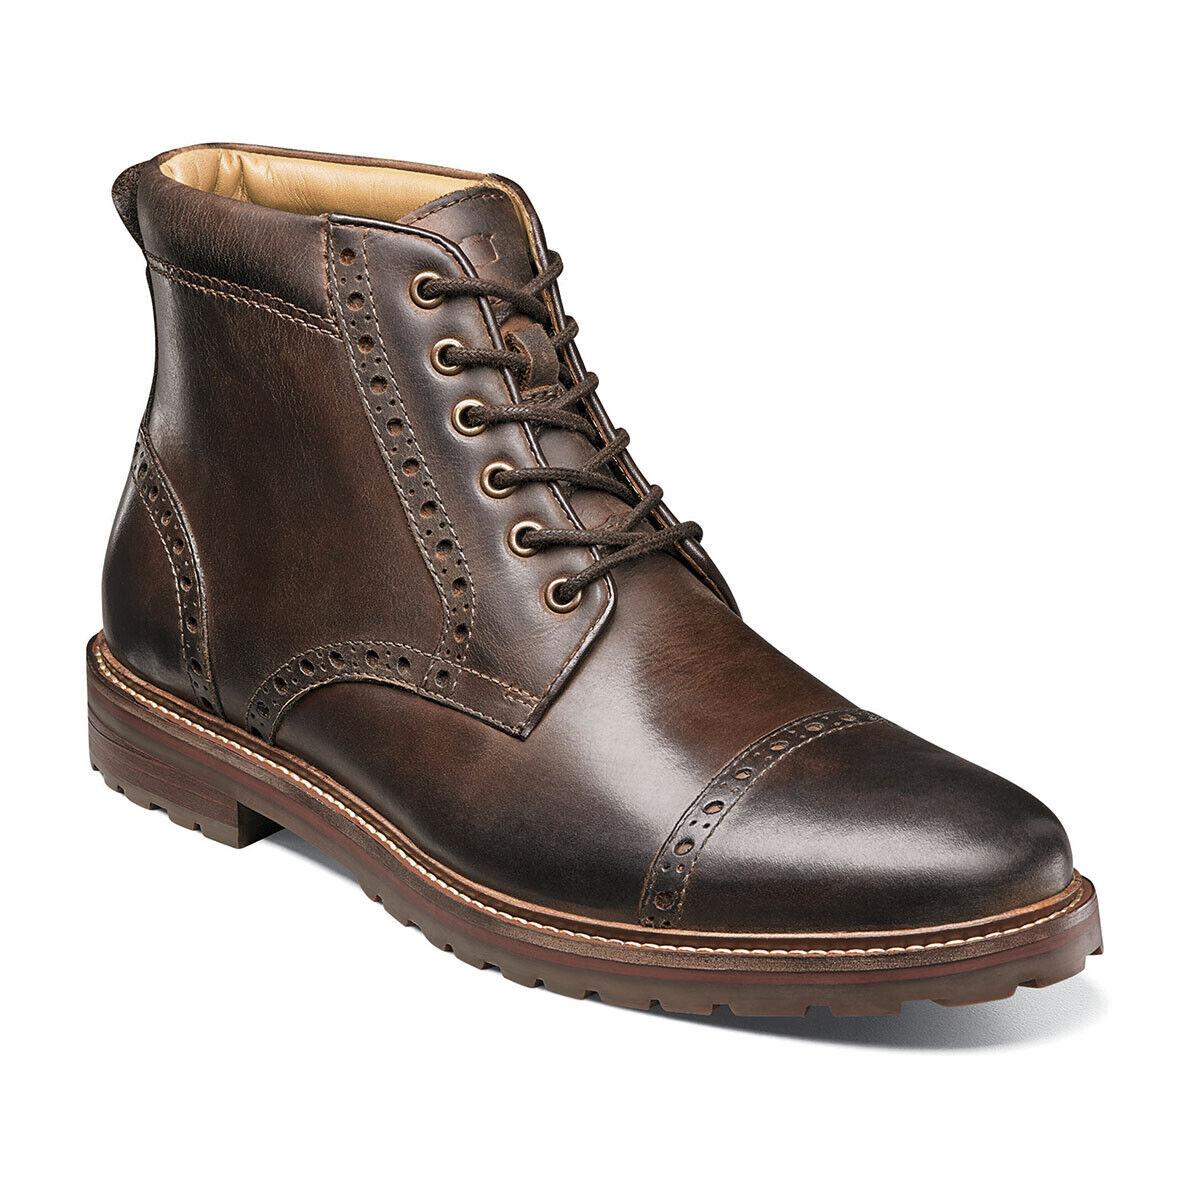 d2daca29c03 Estabrook Puntera Arranque Hombre Zapatos Marrón Volteado Ch 14196-215  Florsheim Cuero nnwcut933-Botas